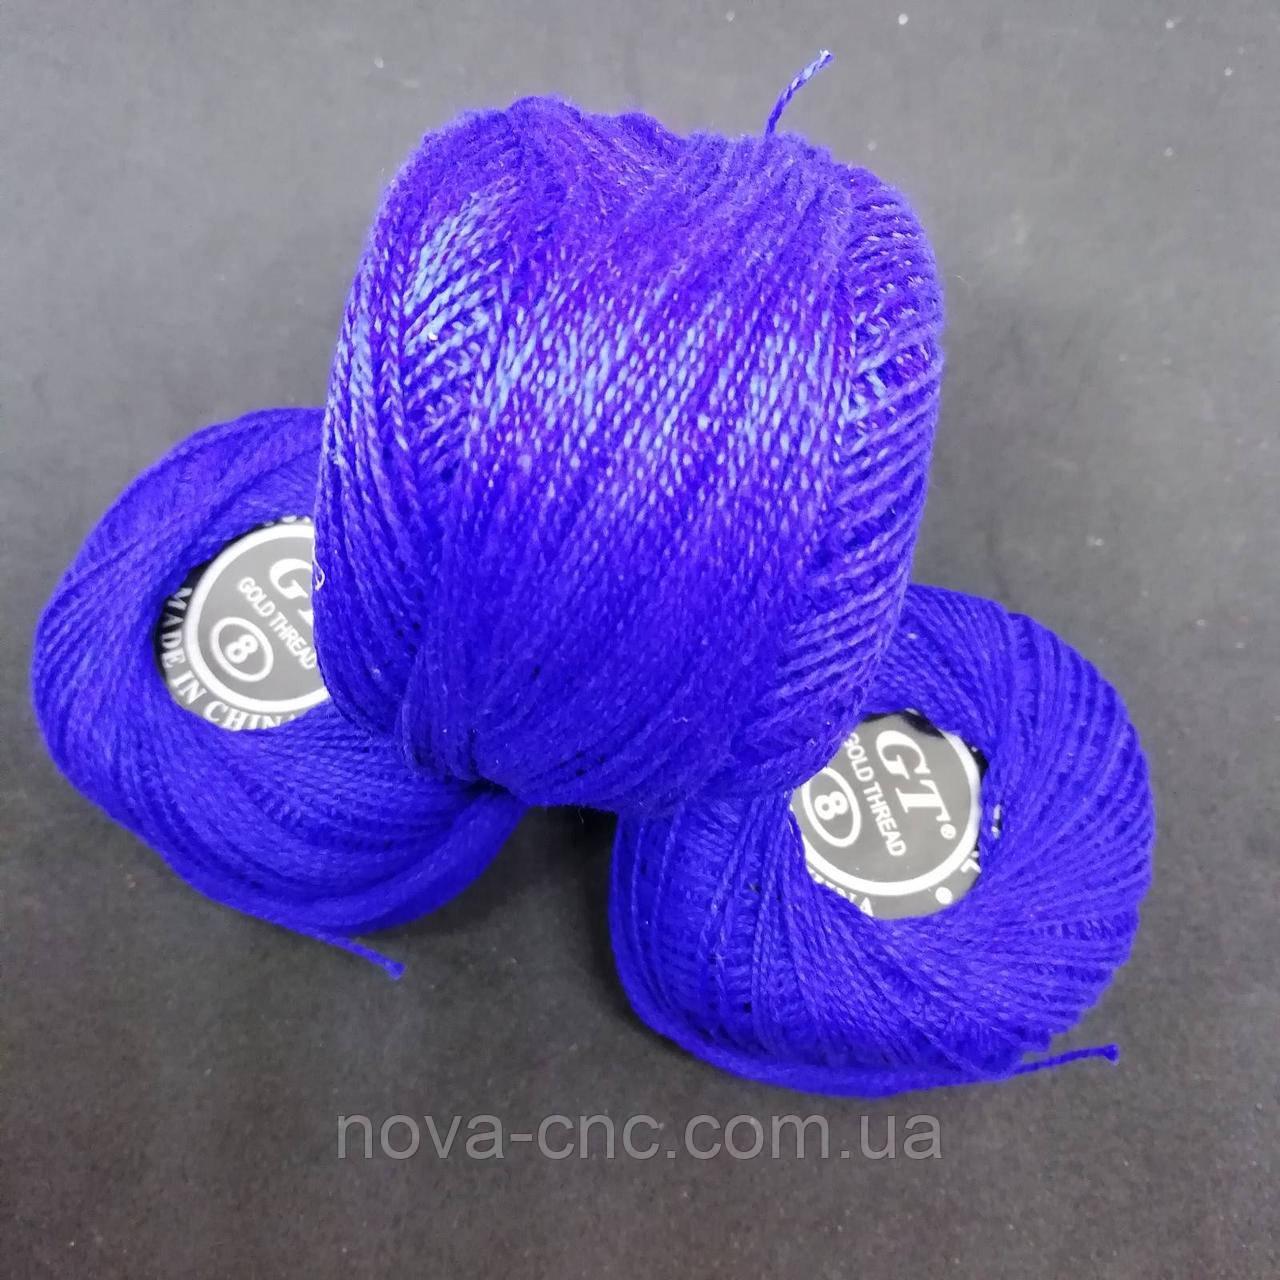 Хлопок Пряжа Ирис №8/ 10 грамм ярко-синий Упаковка 10 штук Тон 307